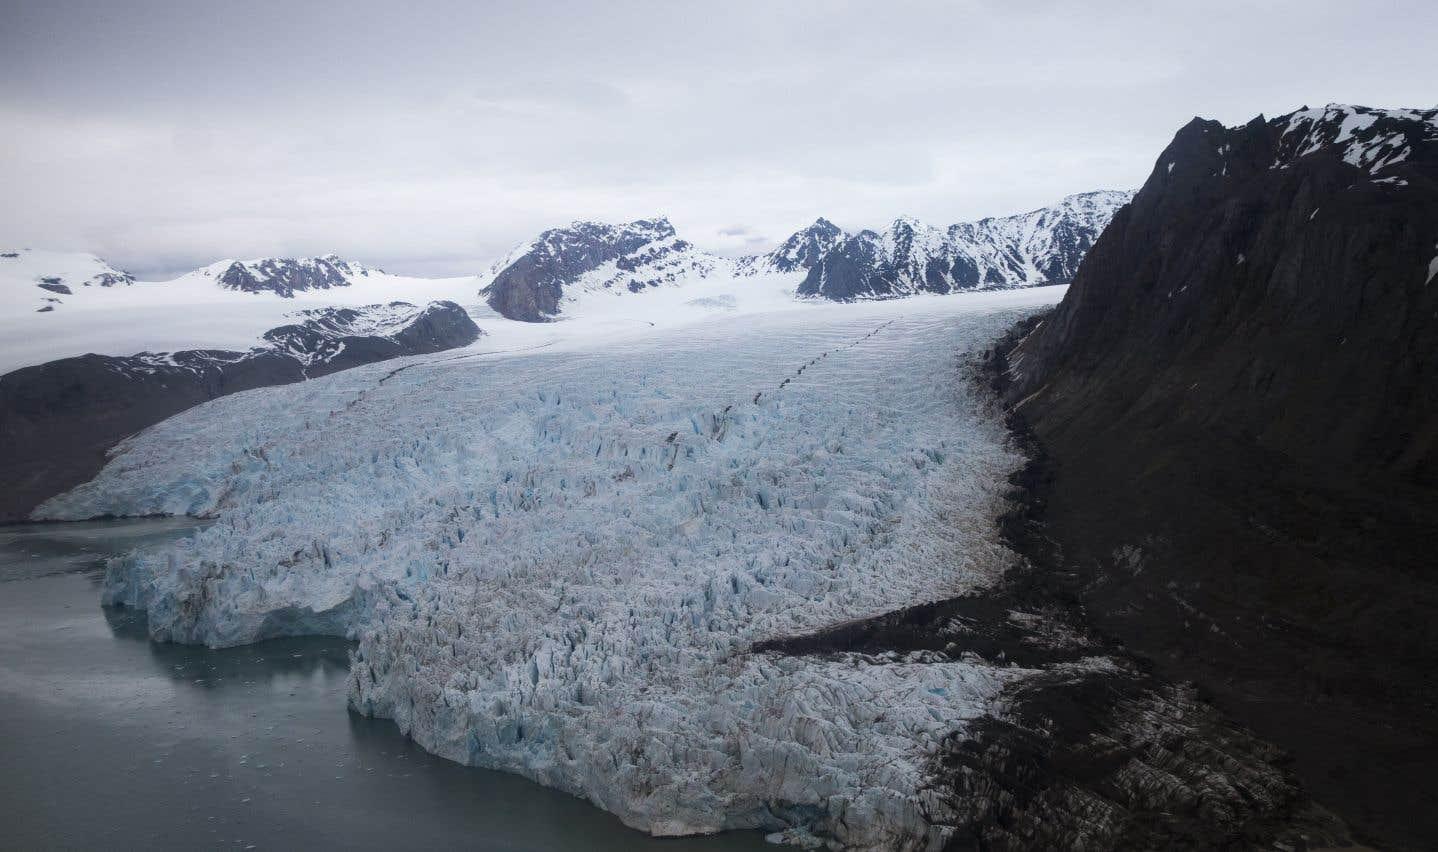 Le traité de Paris de 1920 confie à la Norvège la souveraineté sur le Svalbard mais stipule aussi que les ressortissants de tous les États signataires puissent exercer sur ces terres et «leurs eaux territoriales» des activités économiques «sur un pied de parfaite égalité».